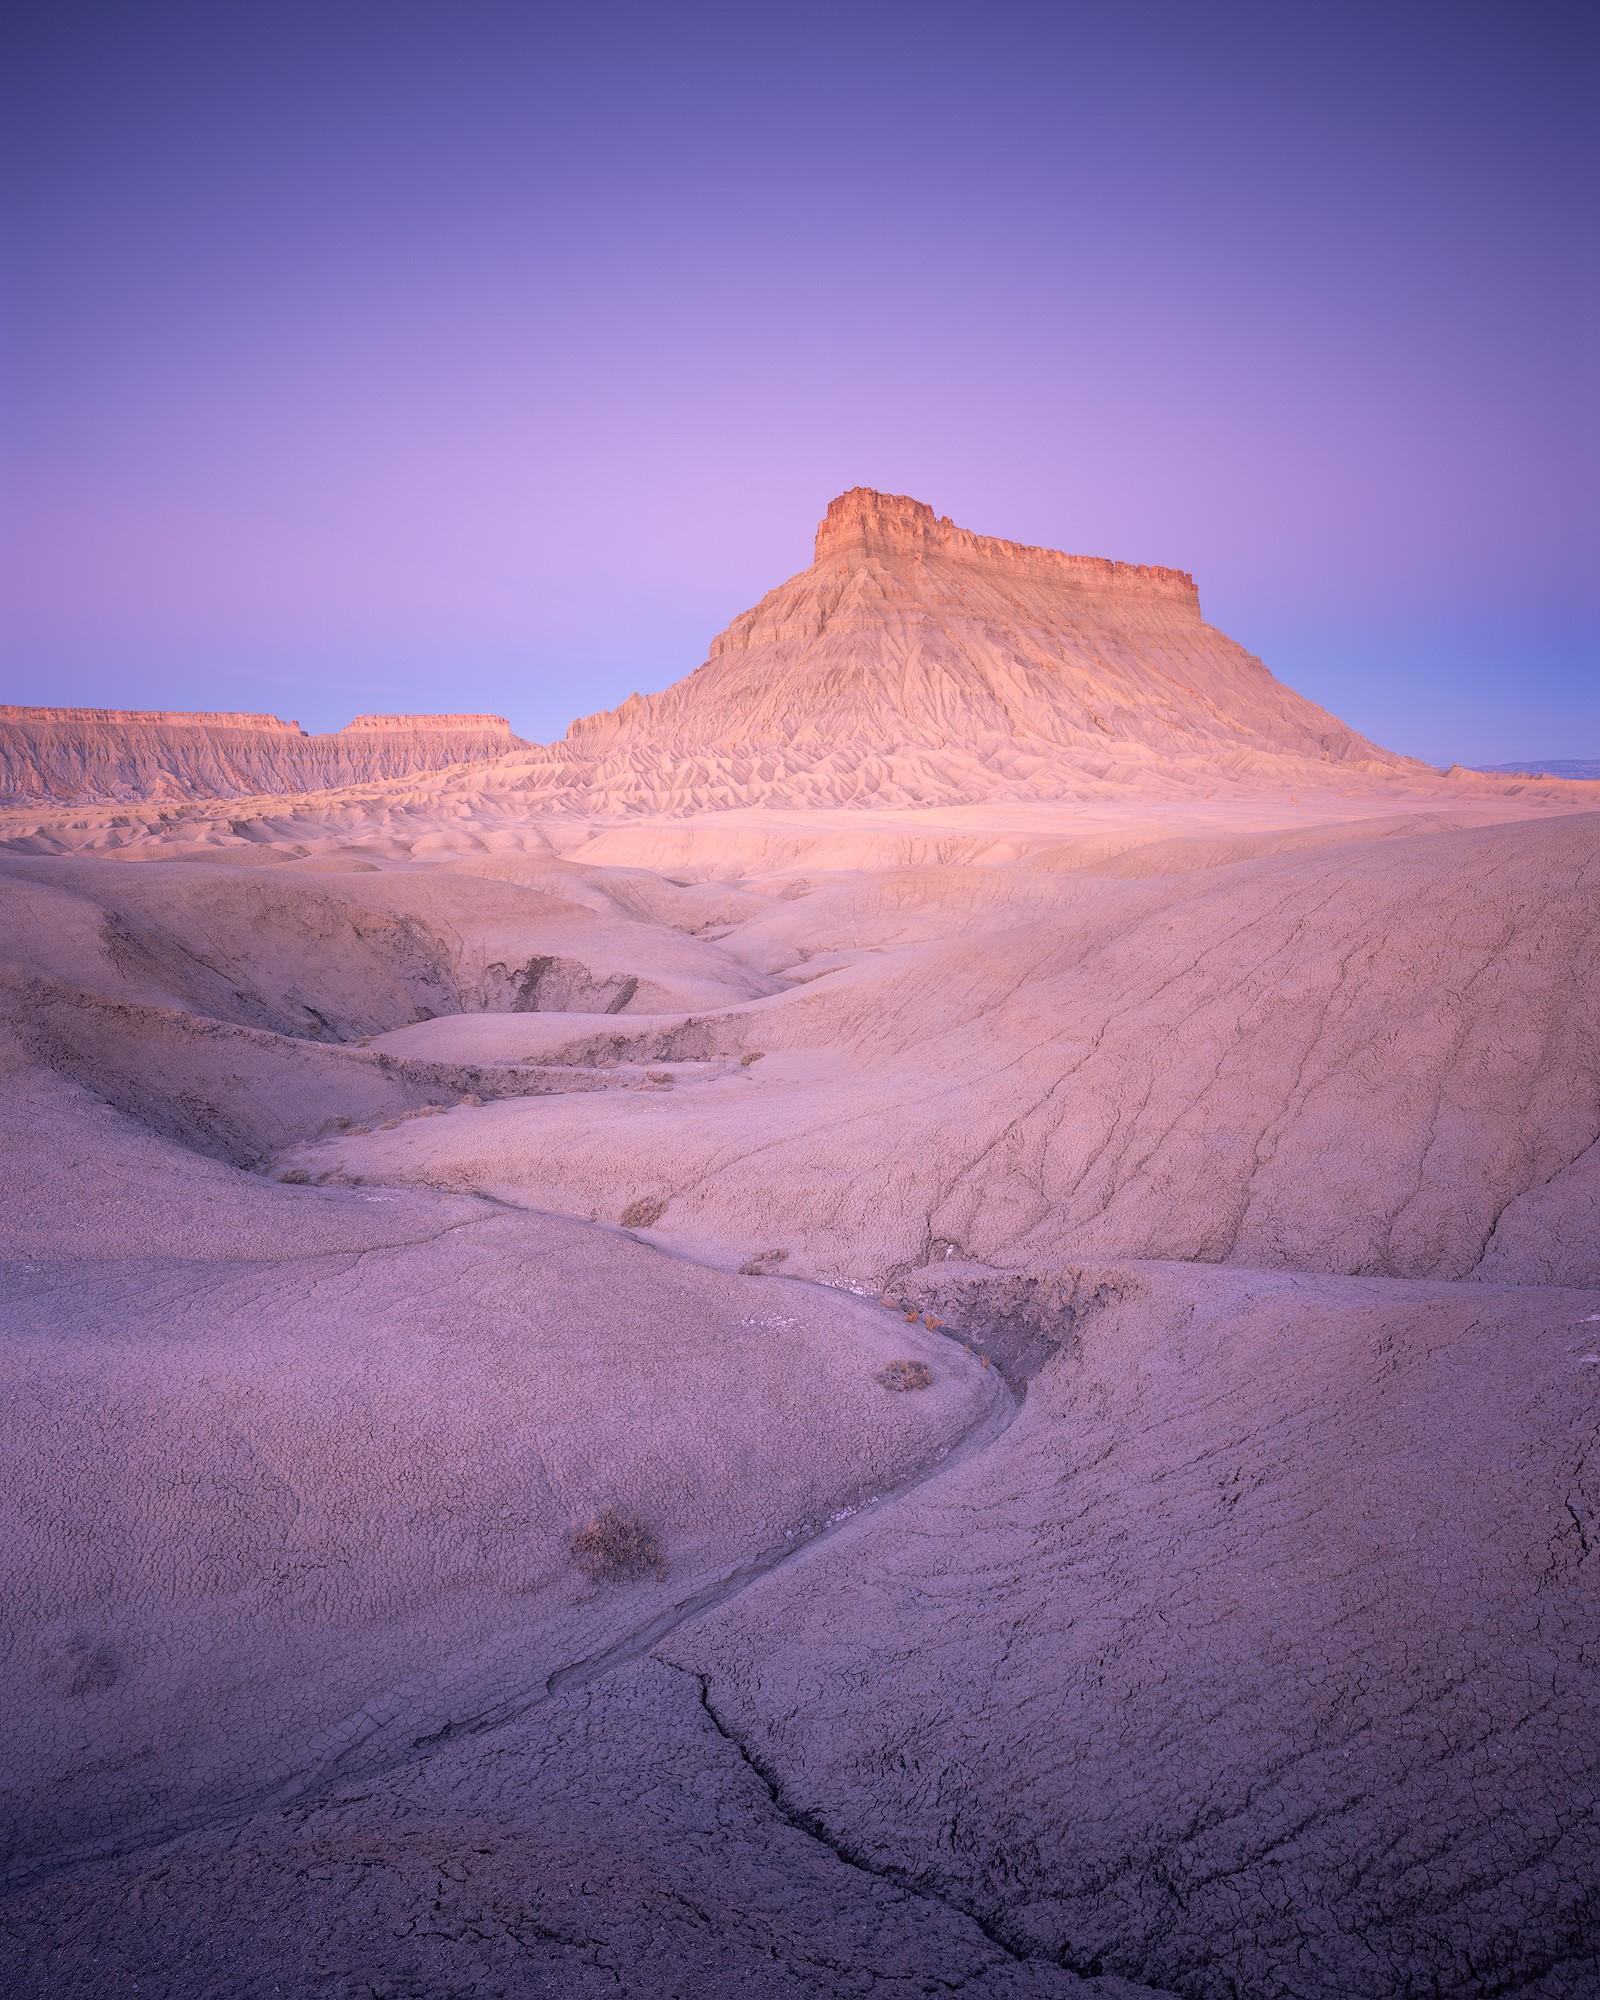 Michael Strickland - Landscape Photographer -  www.michaelstricklandimages.com